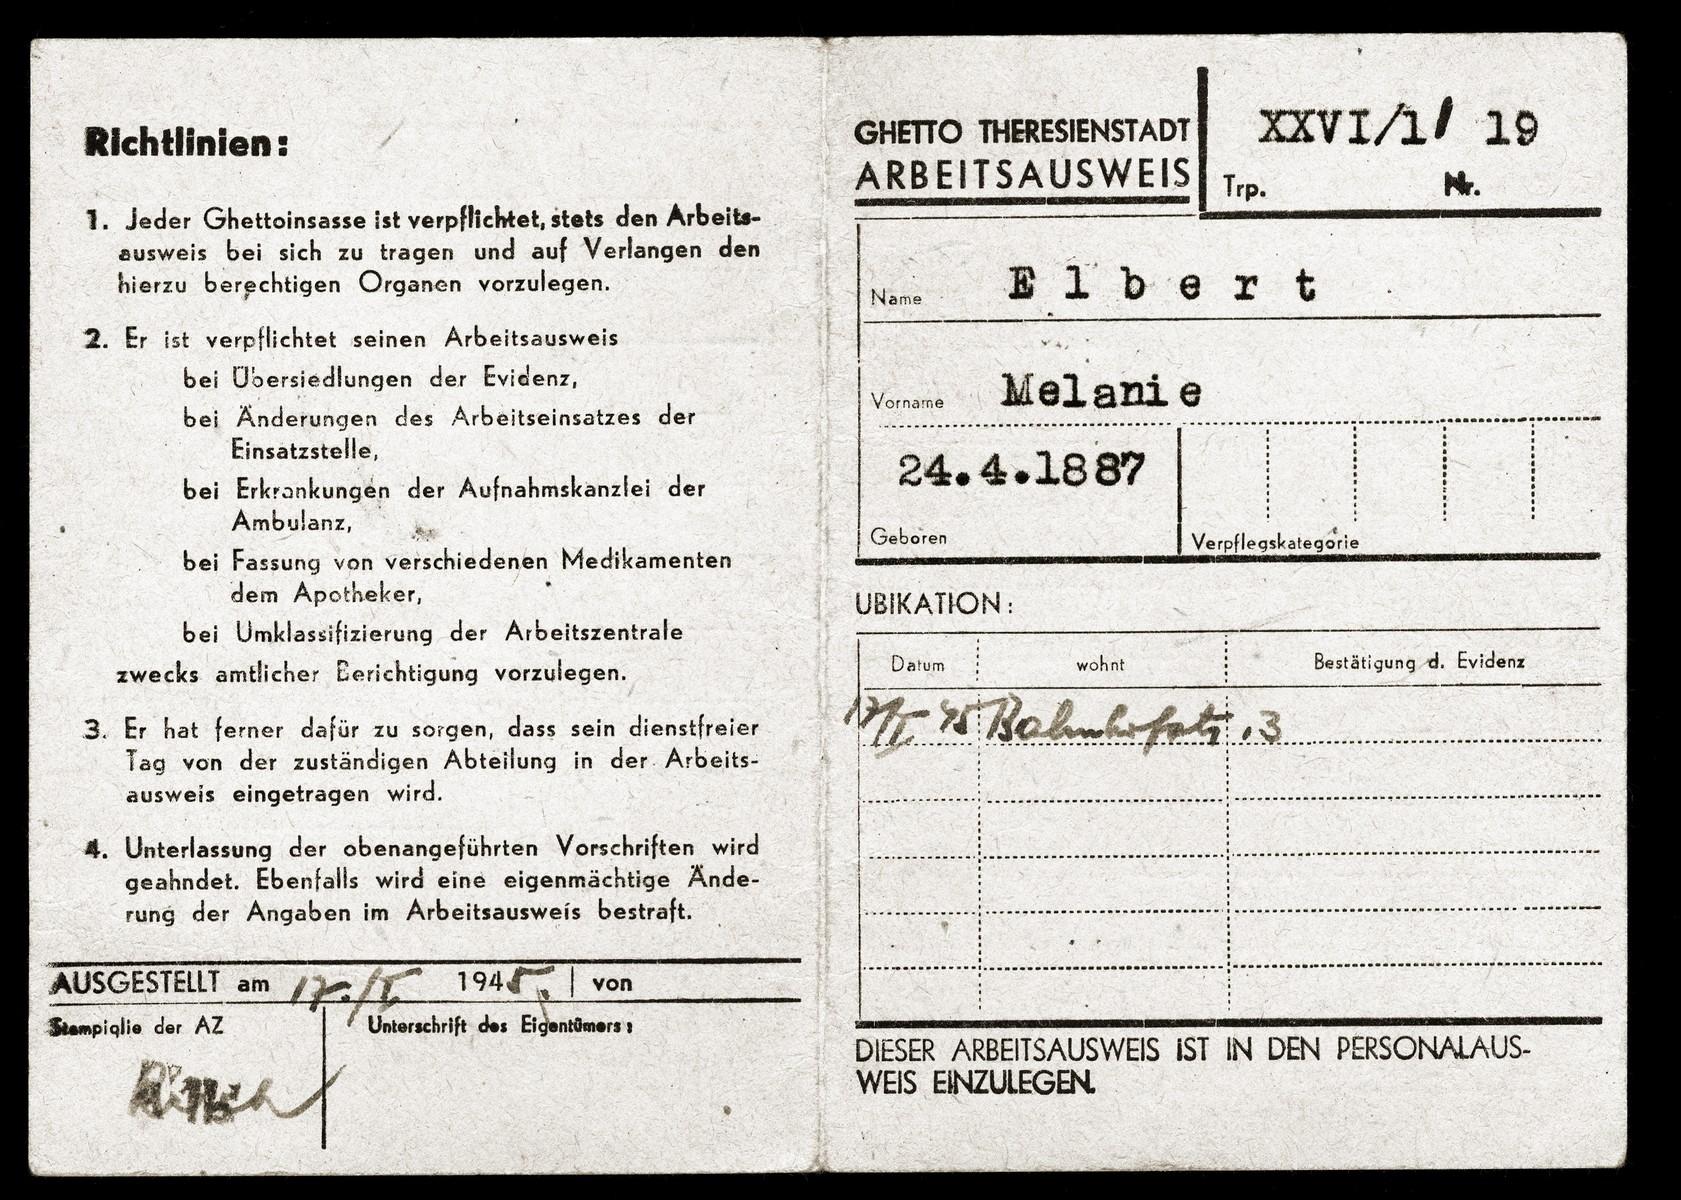 Identification card belonging to Theresienstadt inmate Melania Elbert.